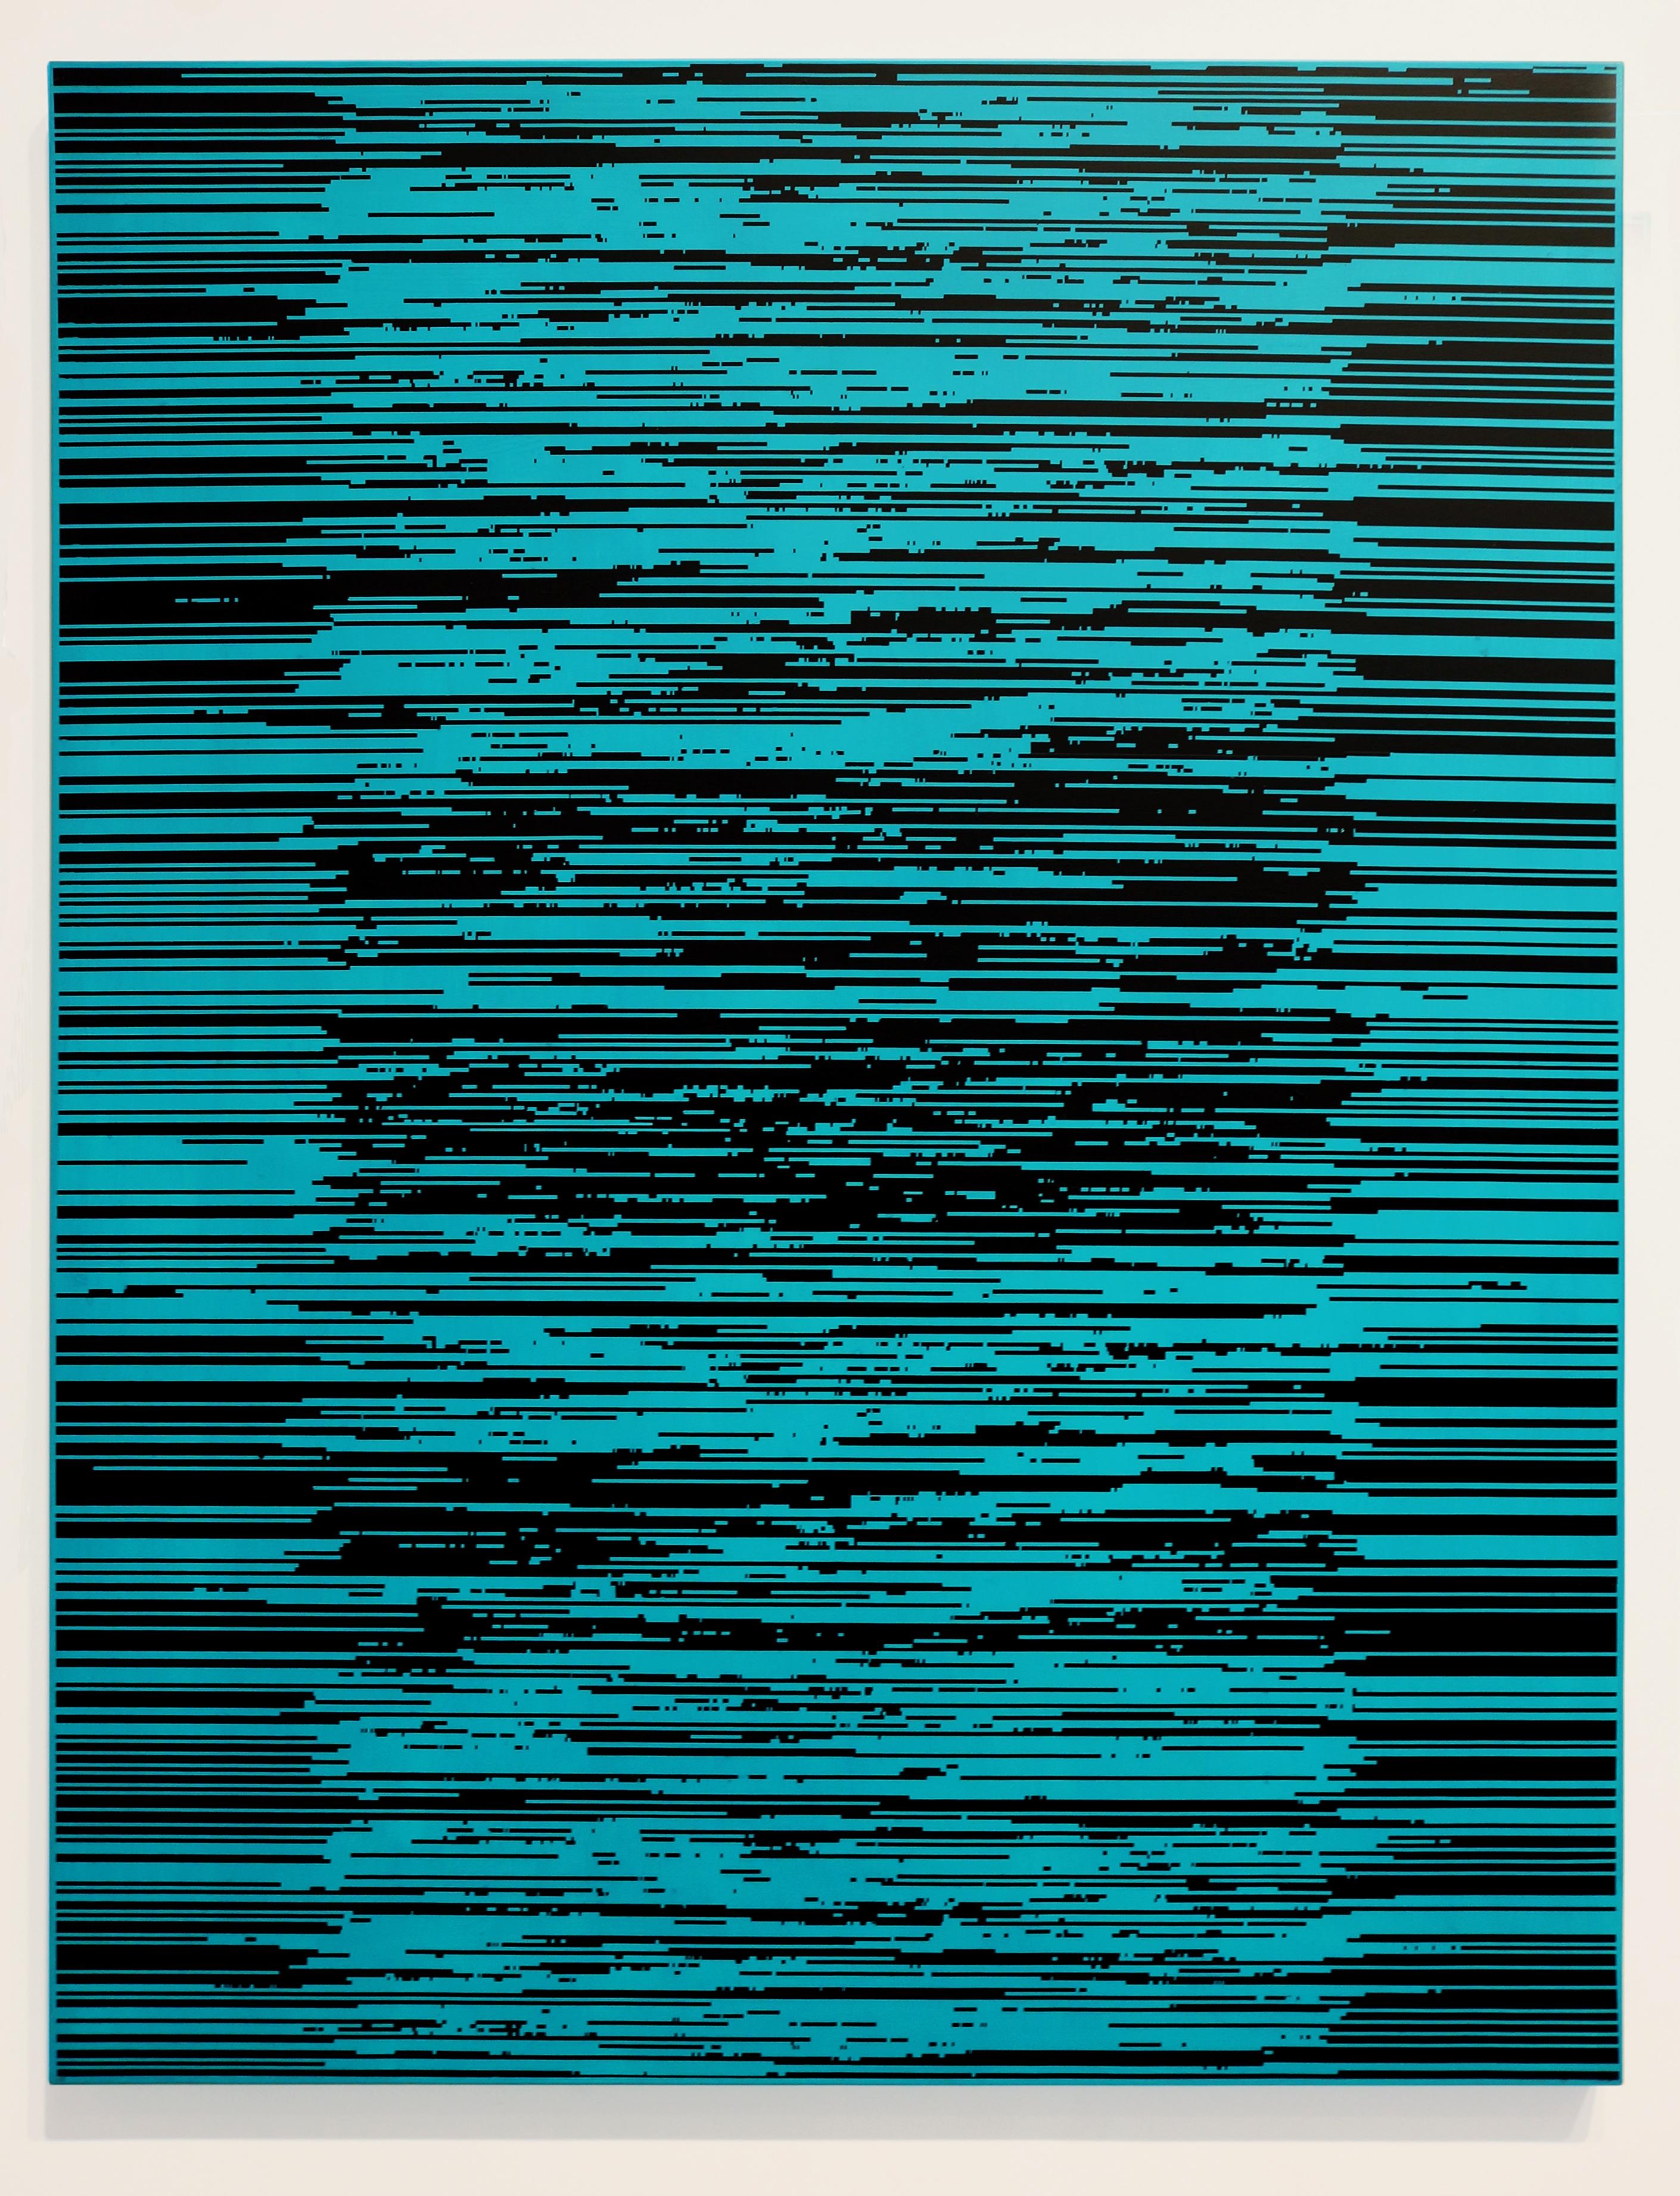 J. PARK_2016 Maze-20165124_Acrylic on canvas_116.8x91cm